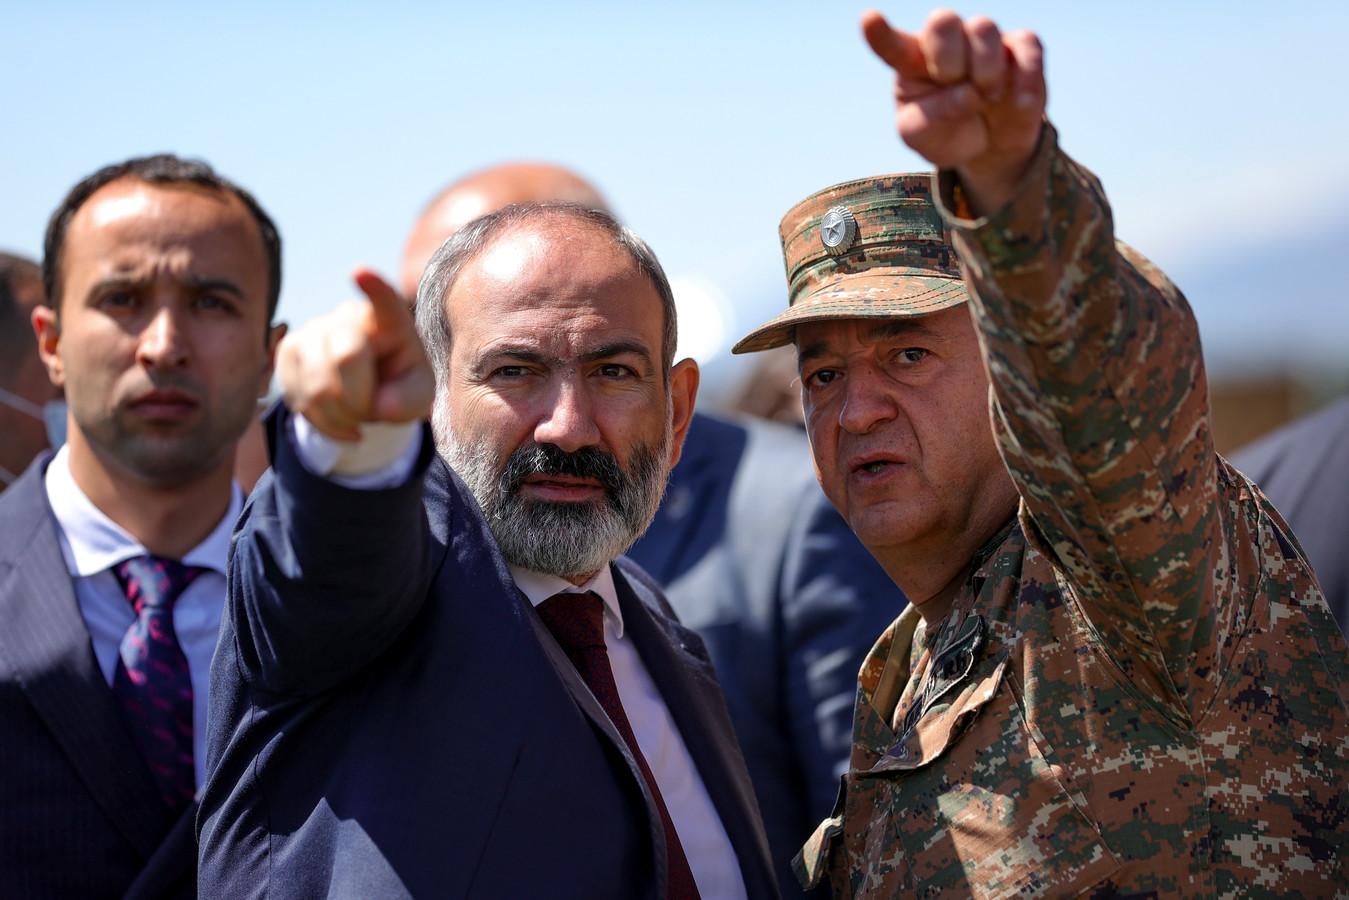 De interim-premier van Armenië, Nikol Pashinyan (midden), wordt bijgepraat door generaal Arayik Harutyunyan over het gebied waar mijnen zouden liggen.